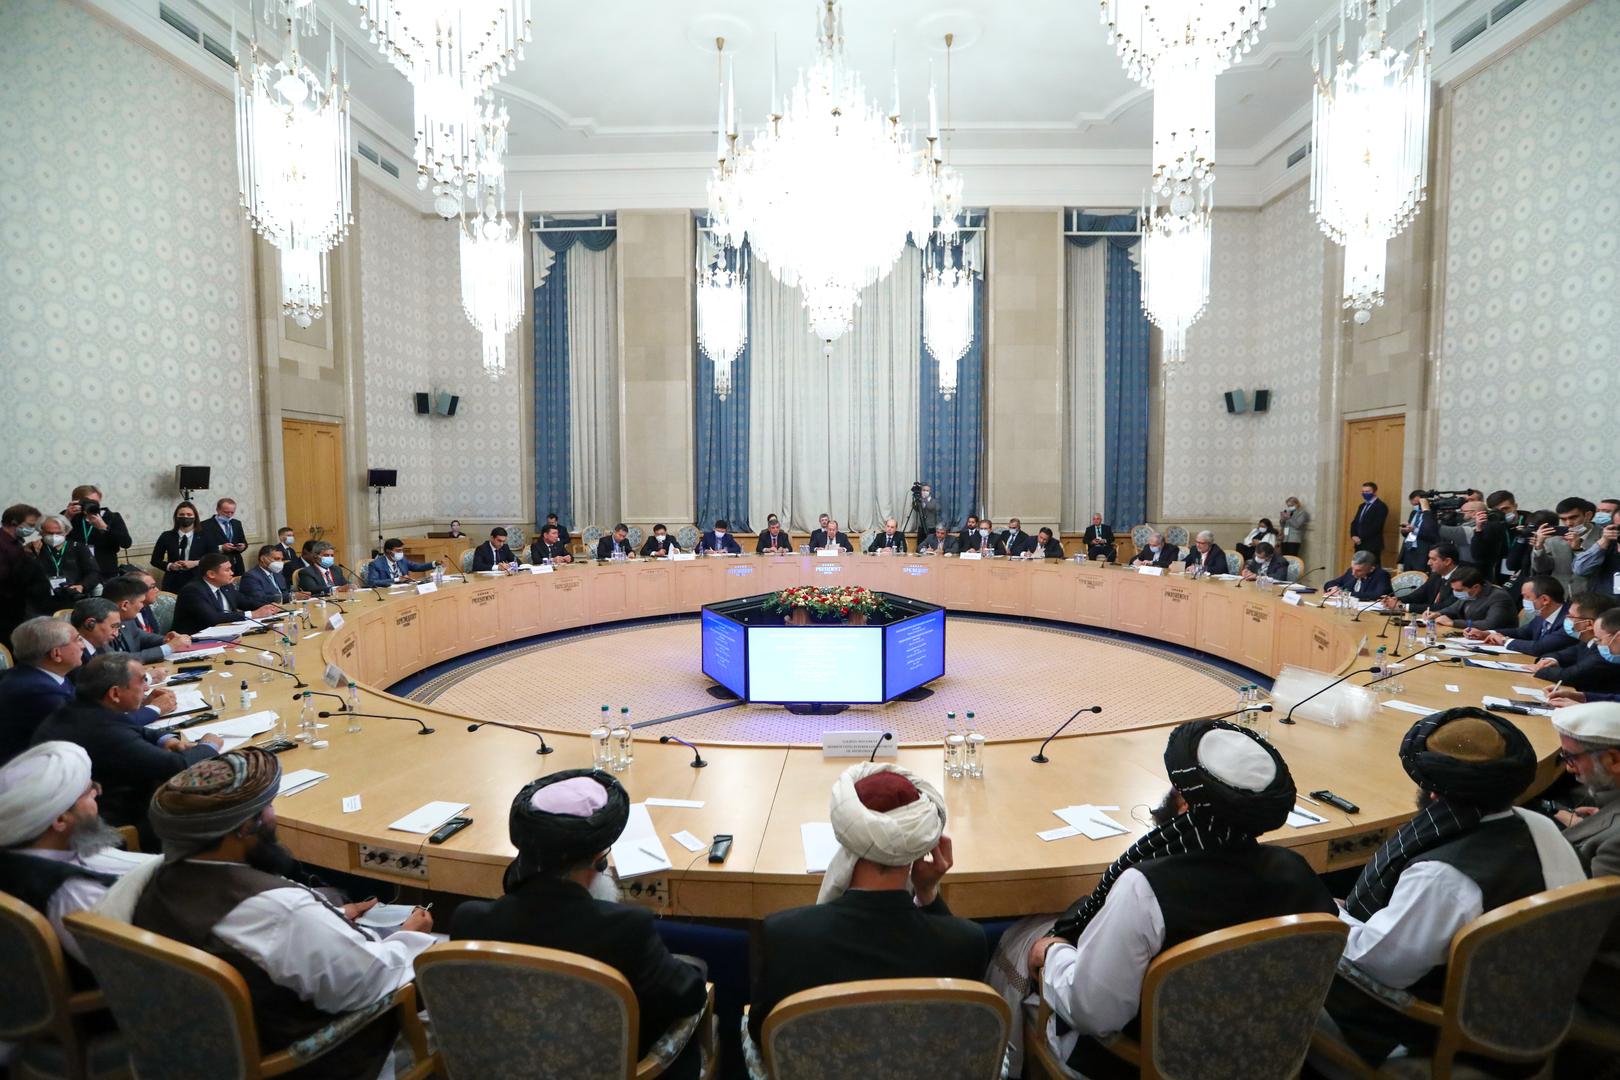 الاجتماع الثالث لصيغة موسكو للمشاورات حول أفغانستان يوم 20 أكتوبر 2021.